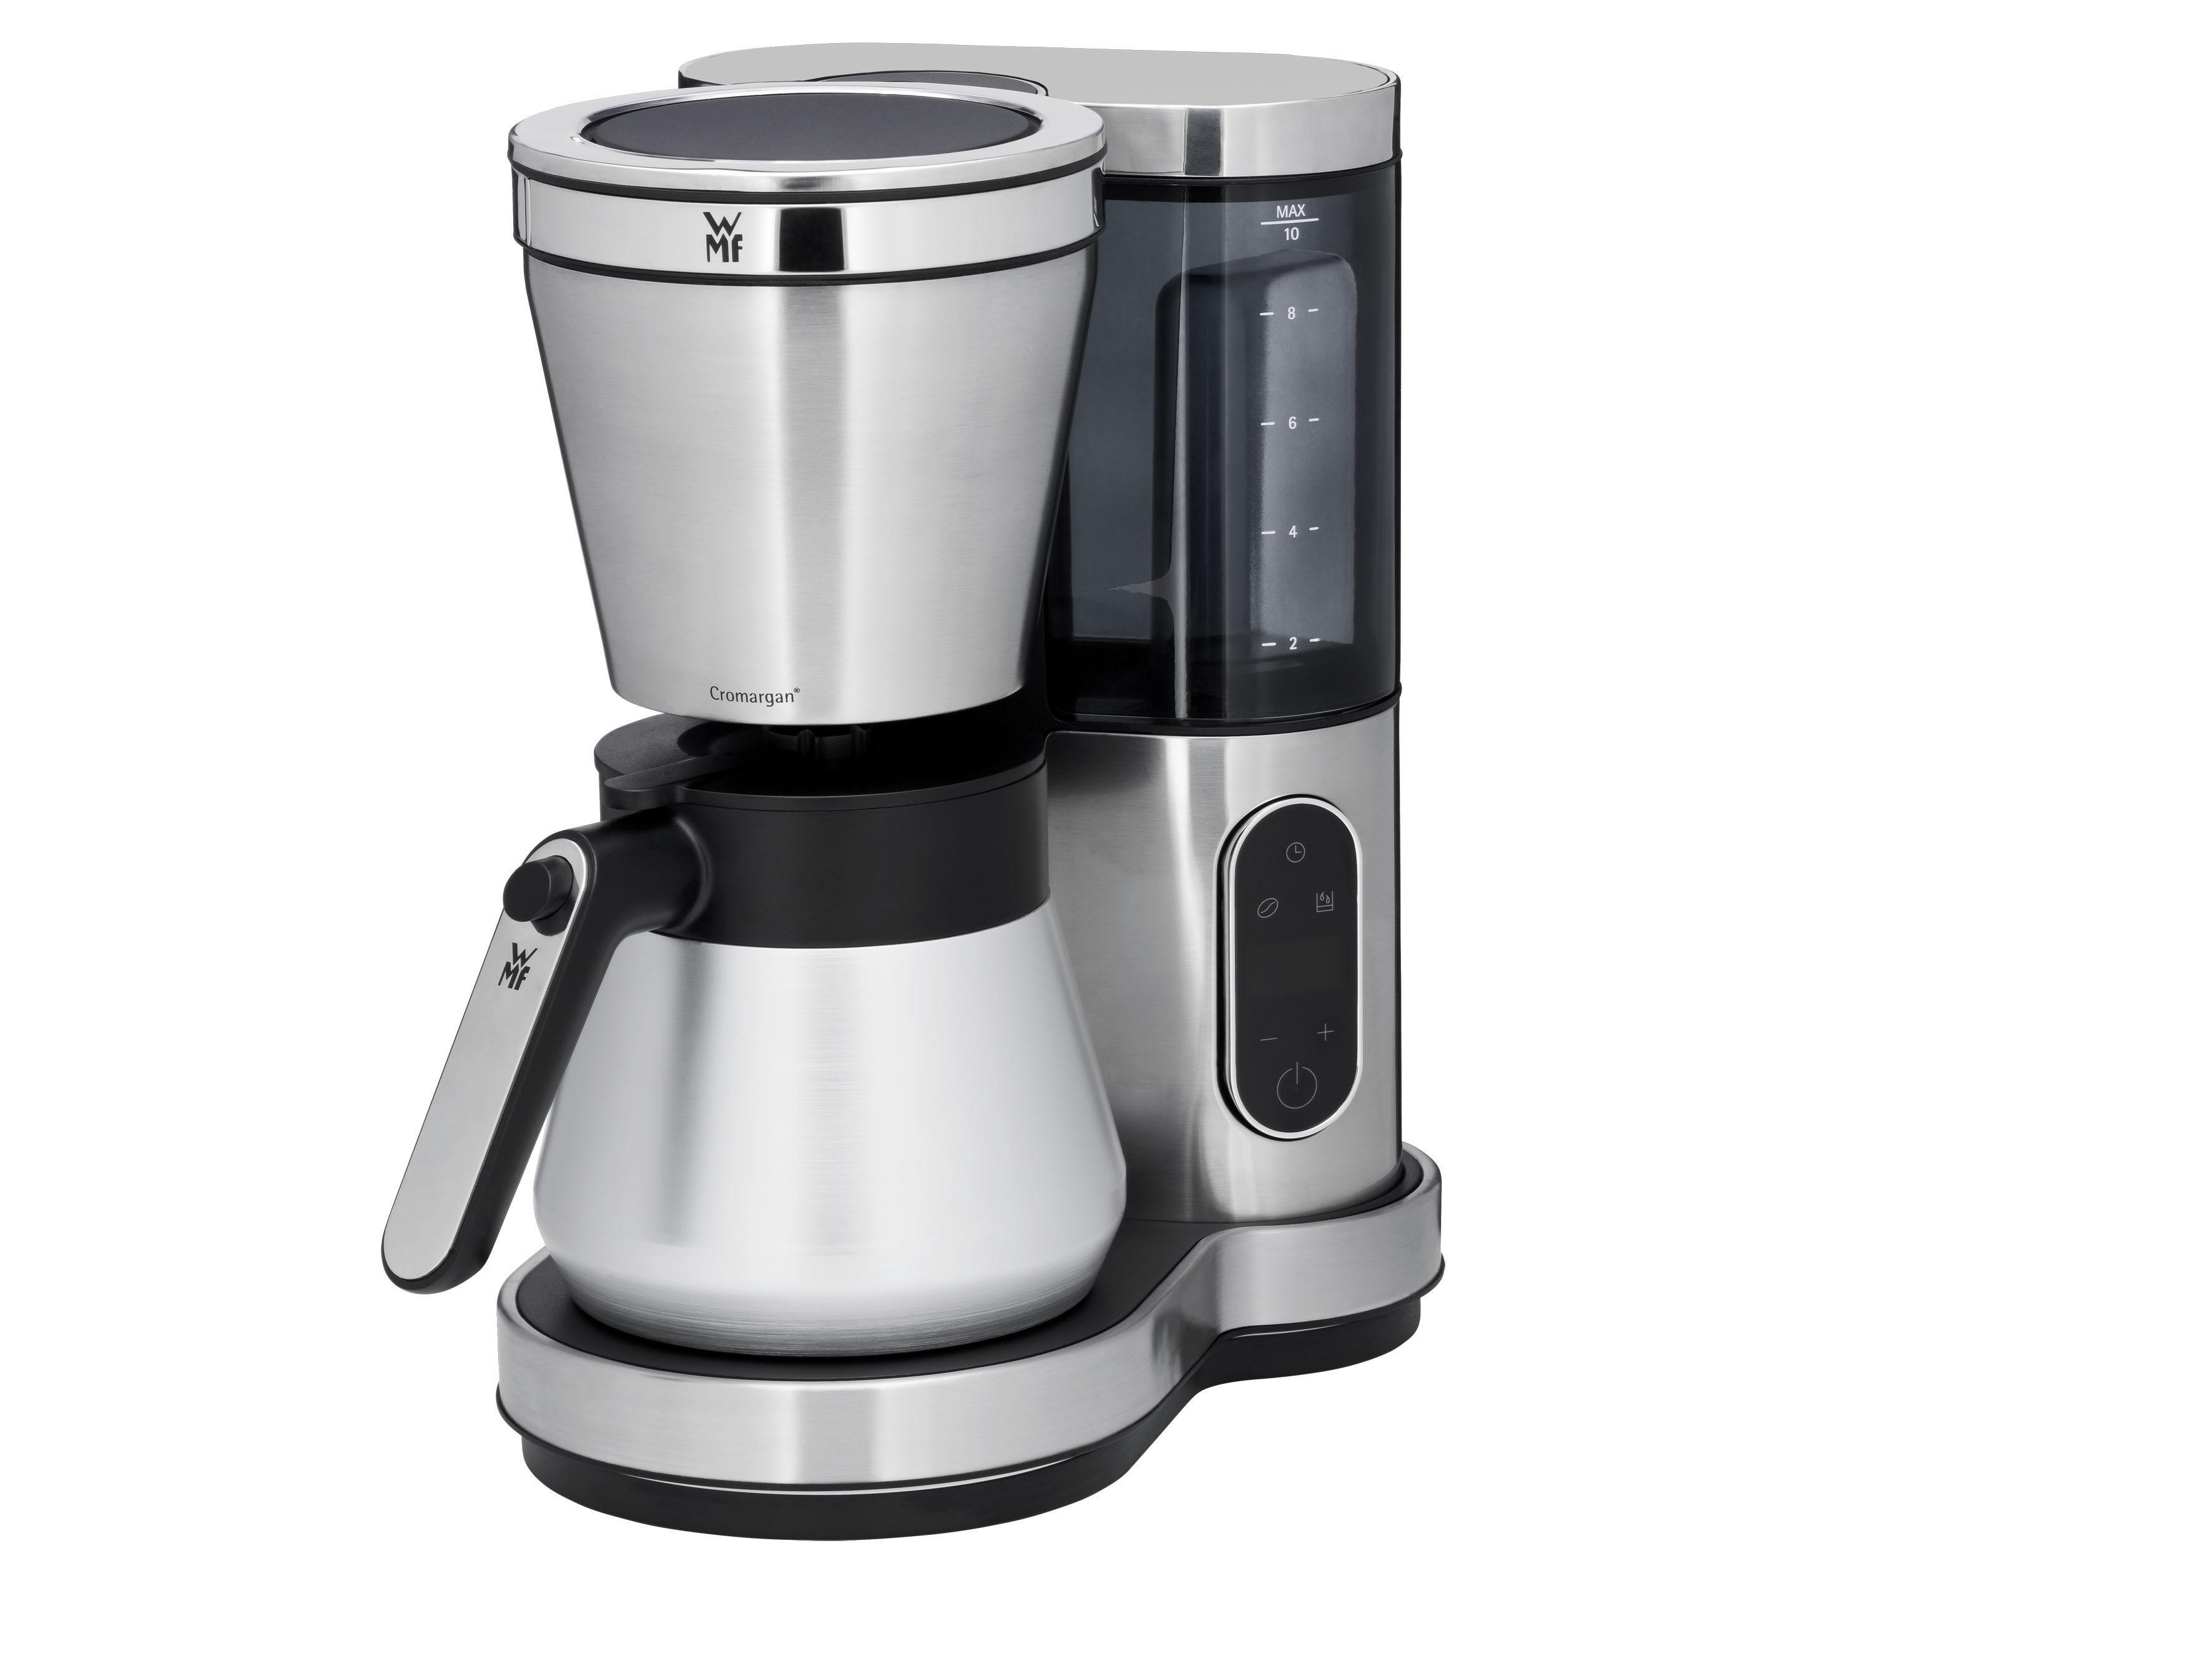 WMF koffiezetapparaat WMF Lumero Aroma koffiezetapparaat Thermo in de webshop van OTTO kopen